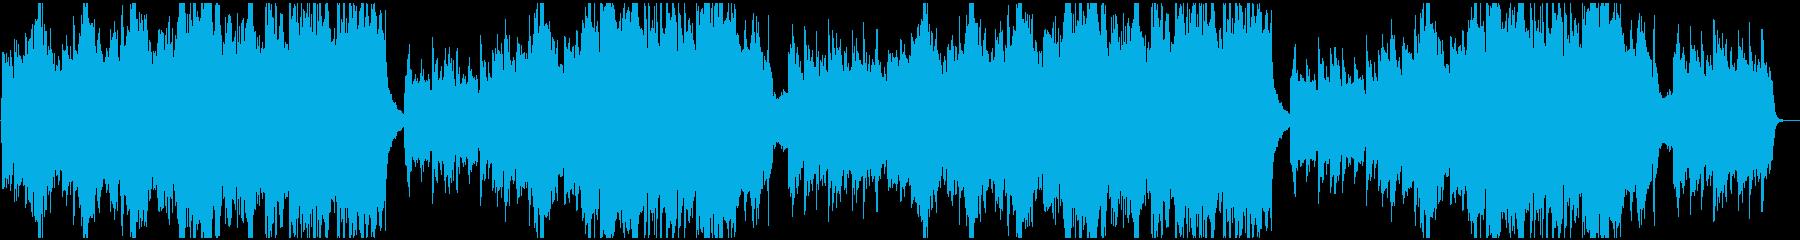 ダーク&クラシカルの再生済みの波形